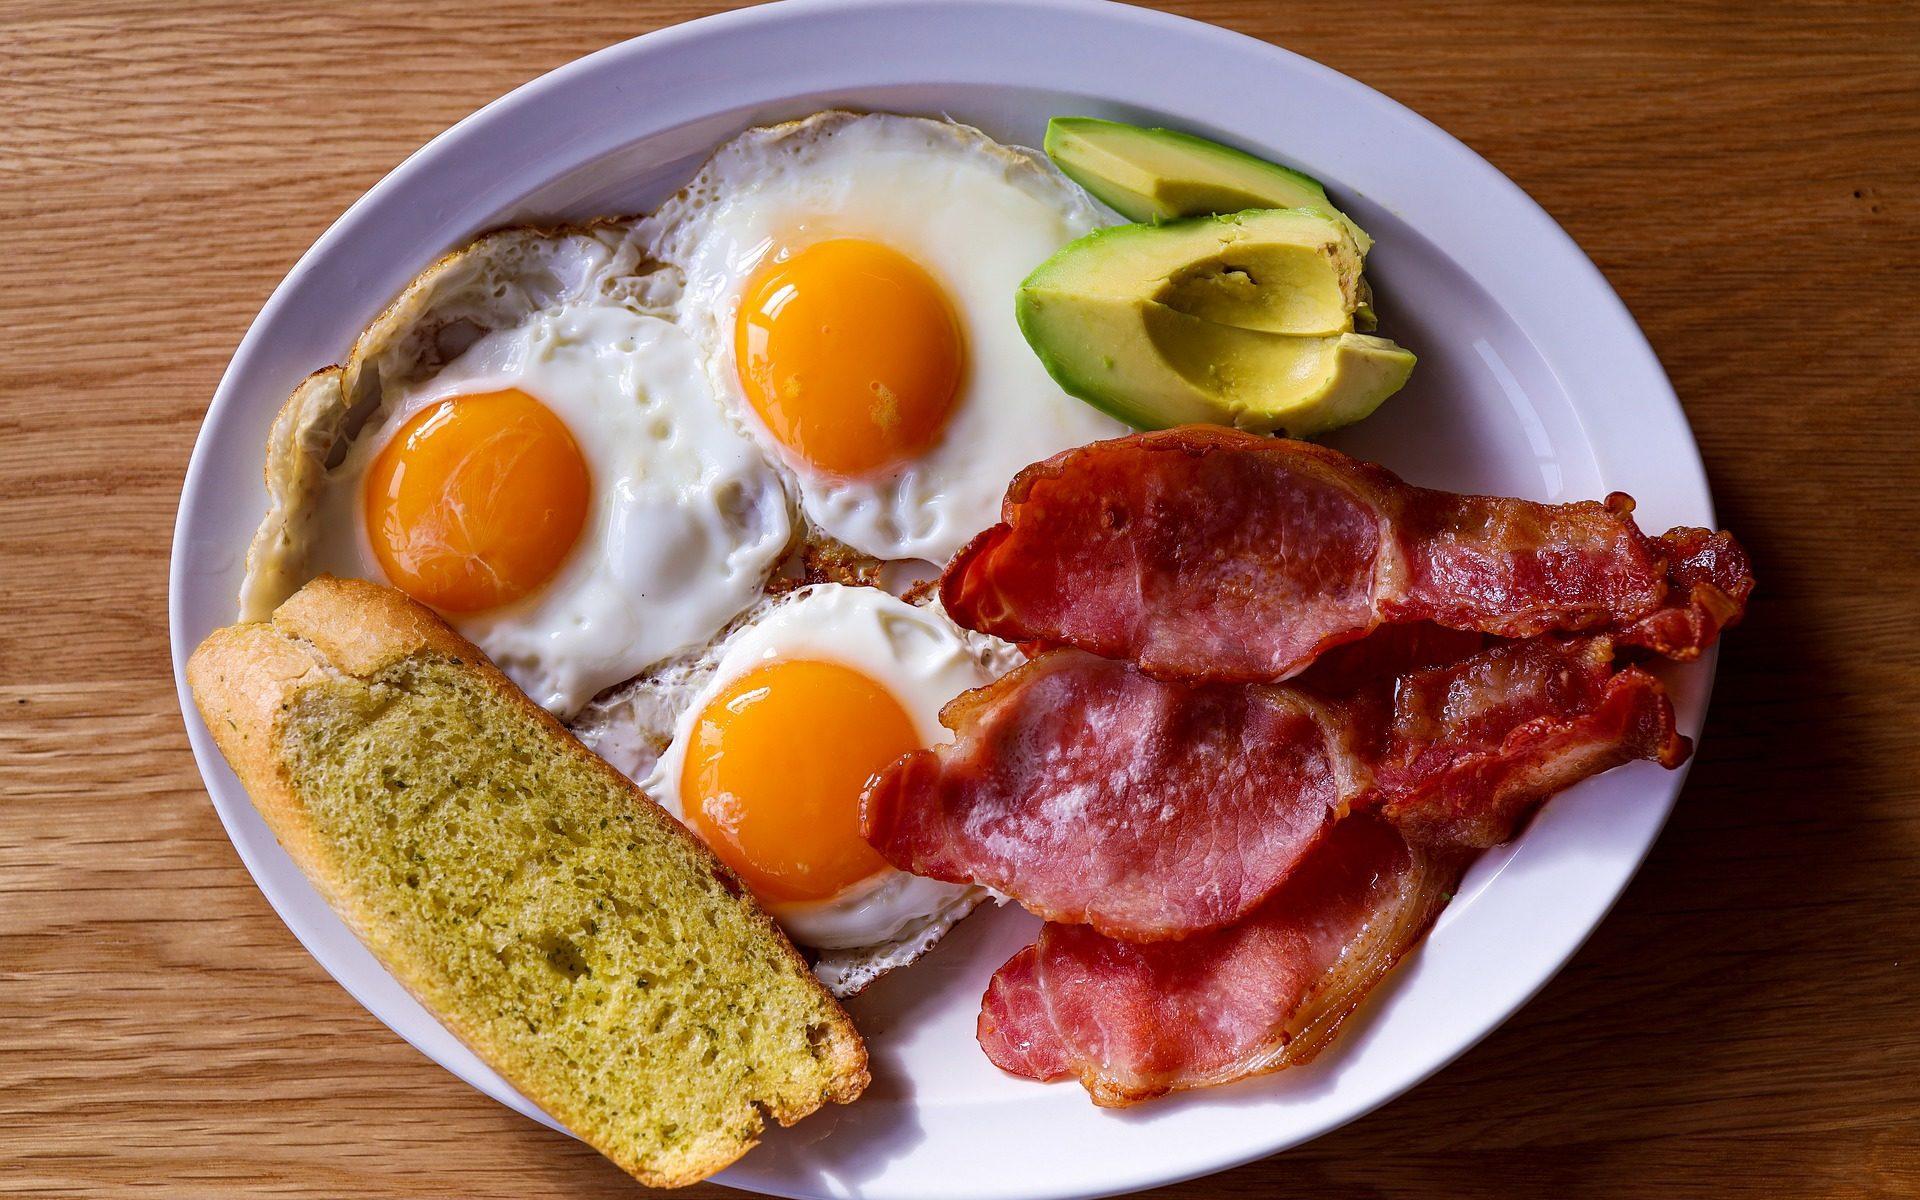 breakfast eggs brunch bacon 1920x1200 - Eat: Brunchen in New York City